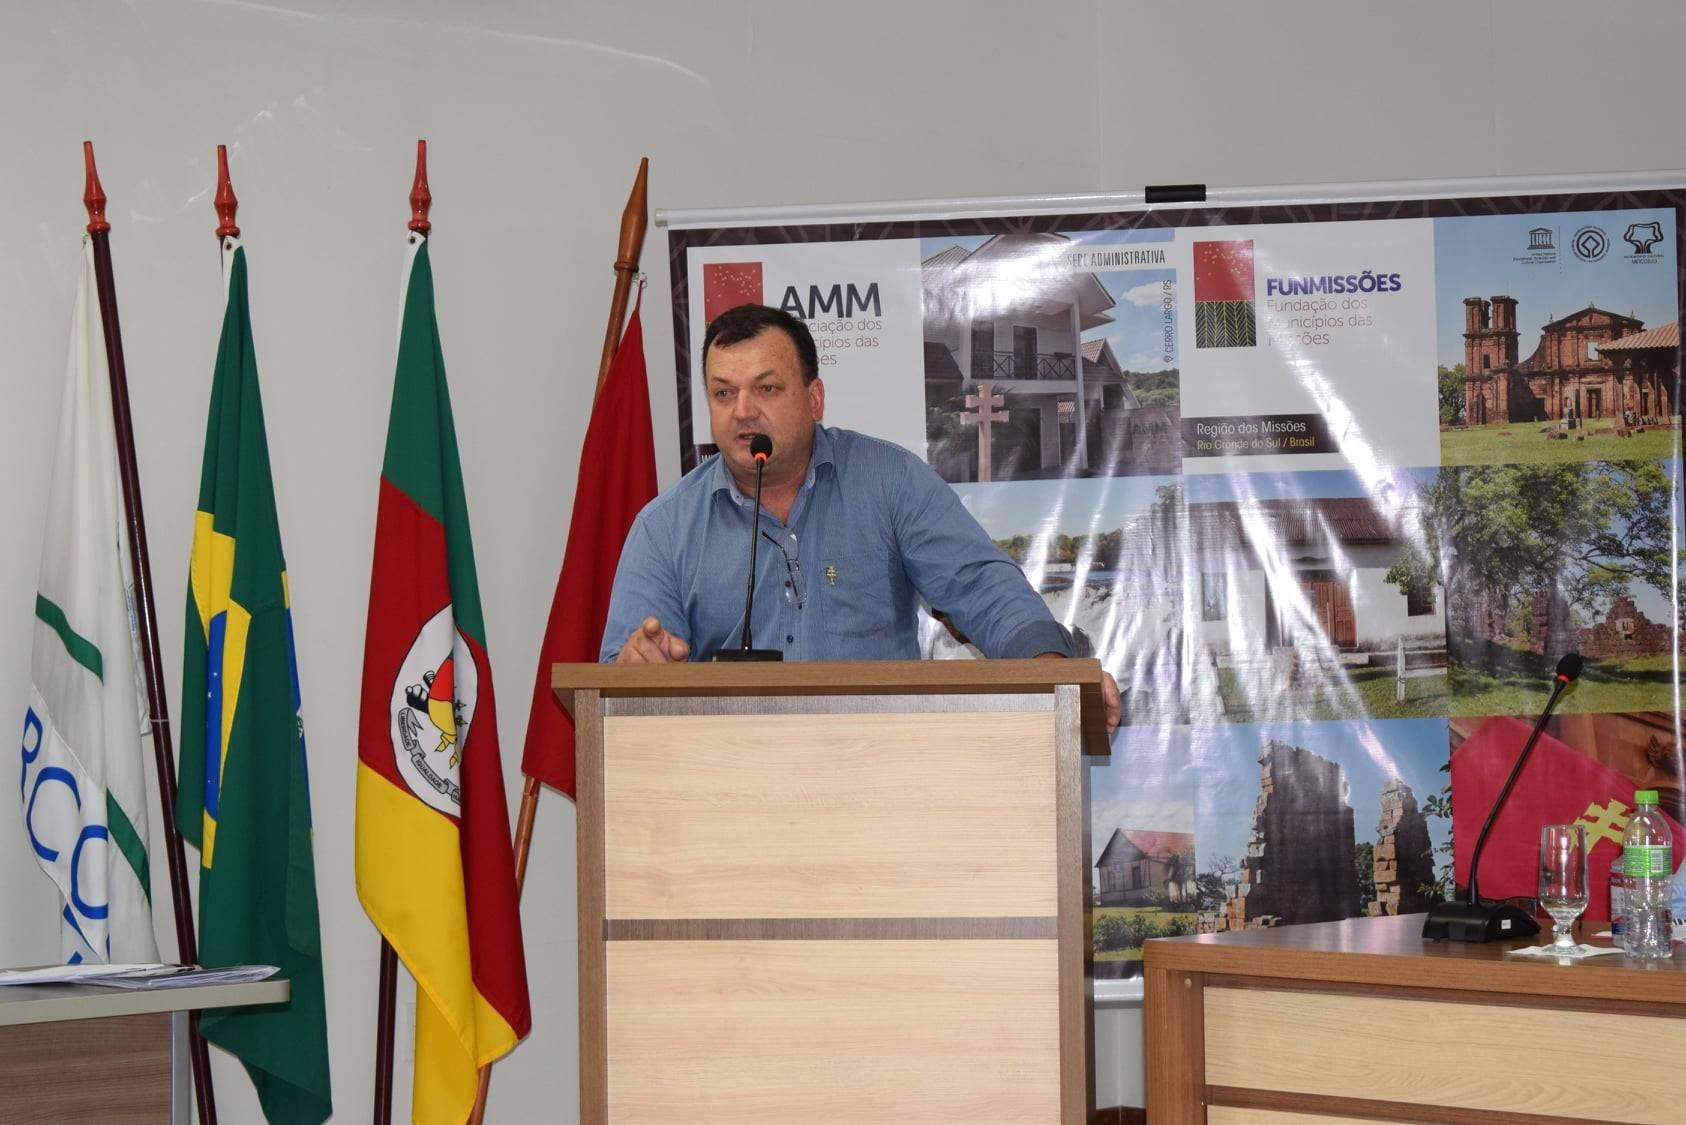 Asfaltos a Pirapó e Garruchos estão entre as prioridades da nova gestão da AMM